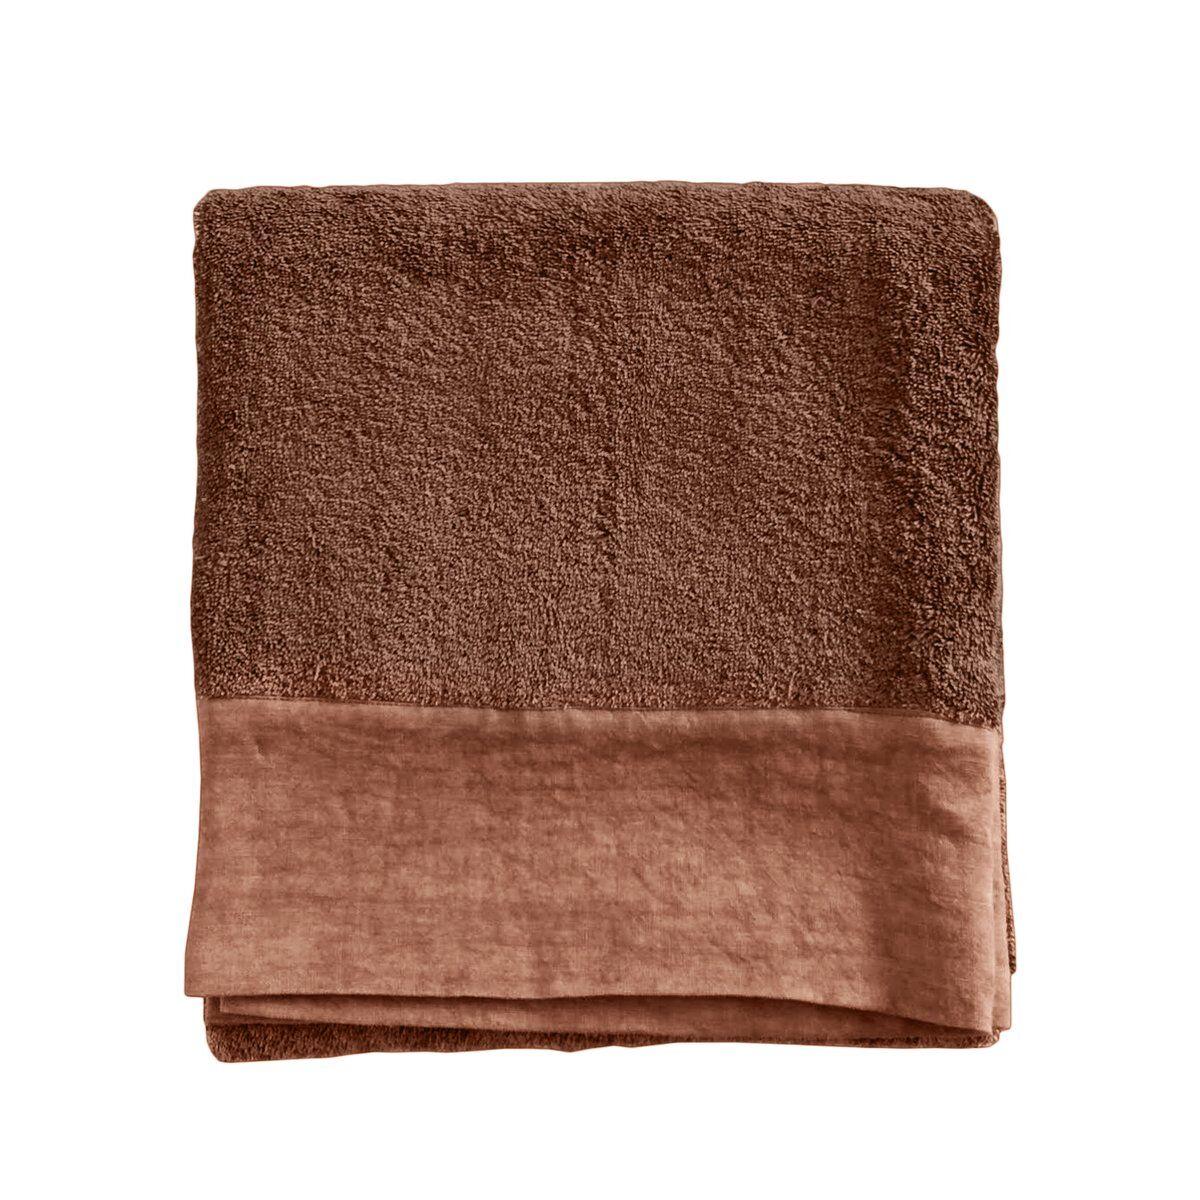 Lo de Manuela Serviette de toilette finition lin lavé terre cuite 50x100